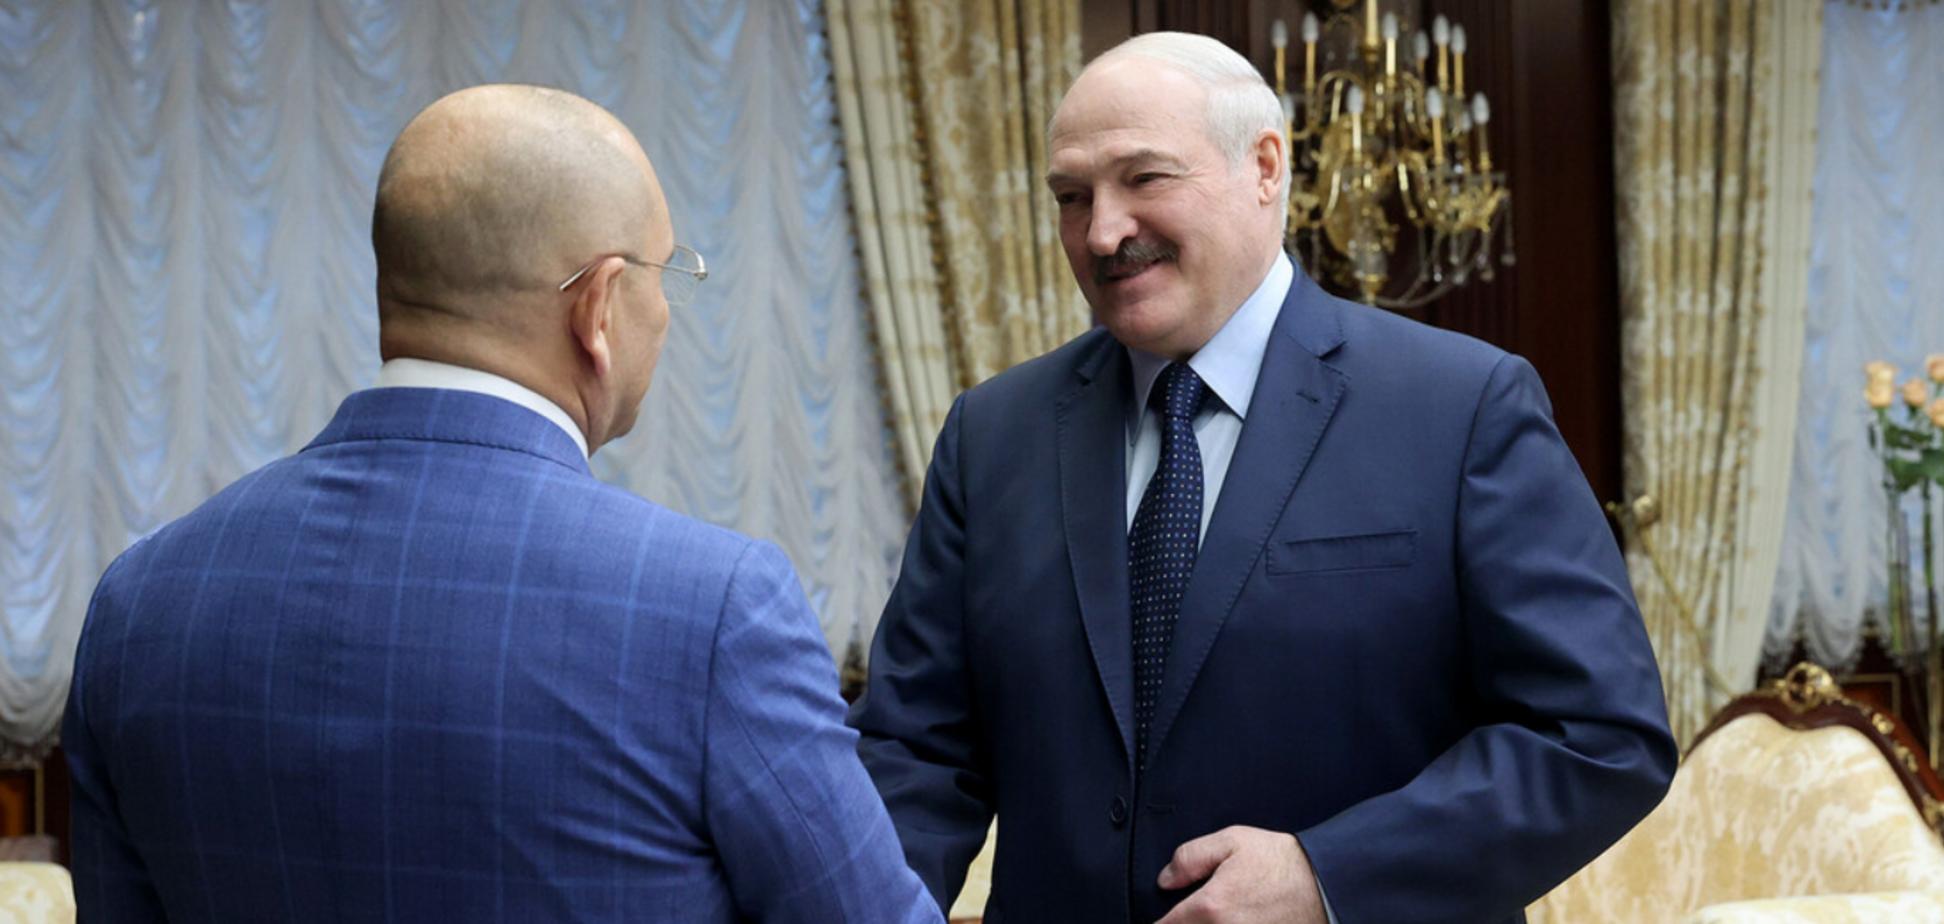 Білоруська журналістка – про скандального нардепа Шевченка: як Геббельс, відправте його до Лукашенка